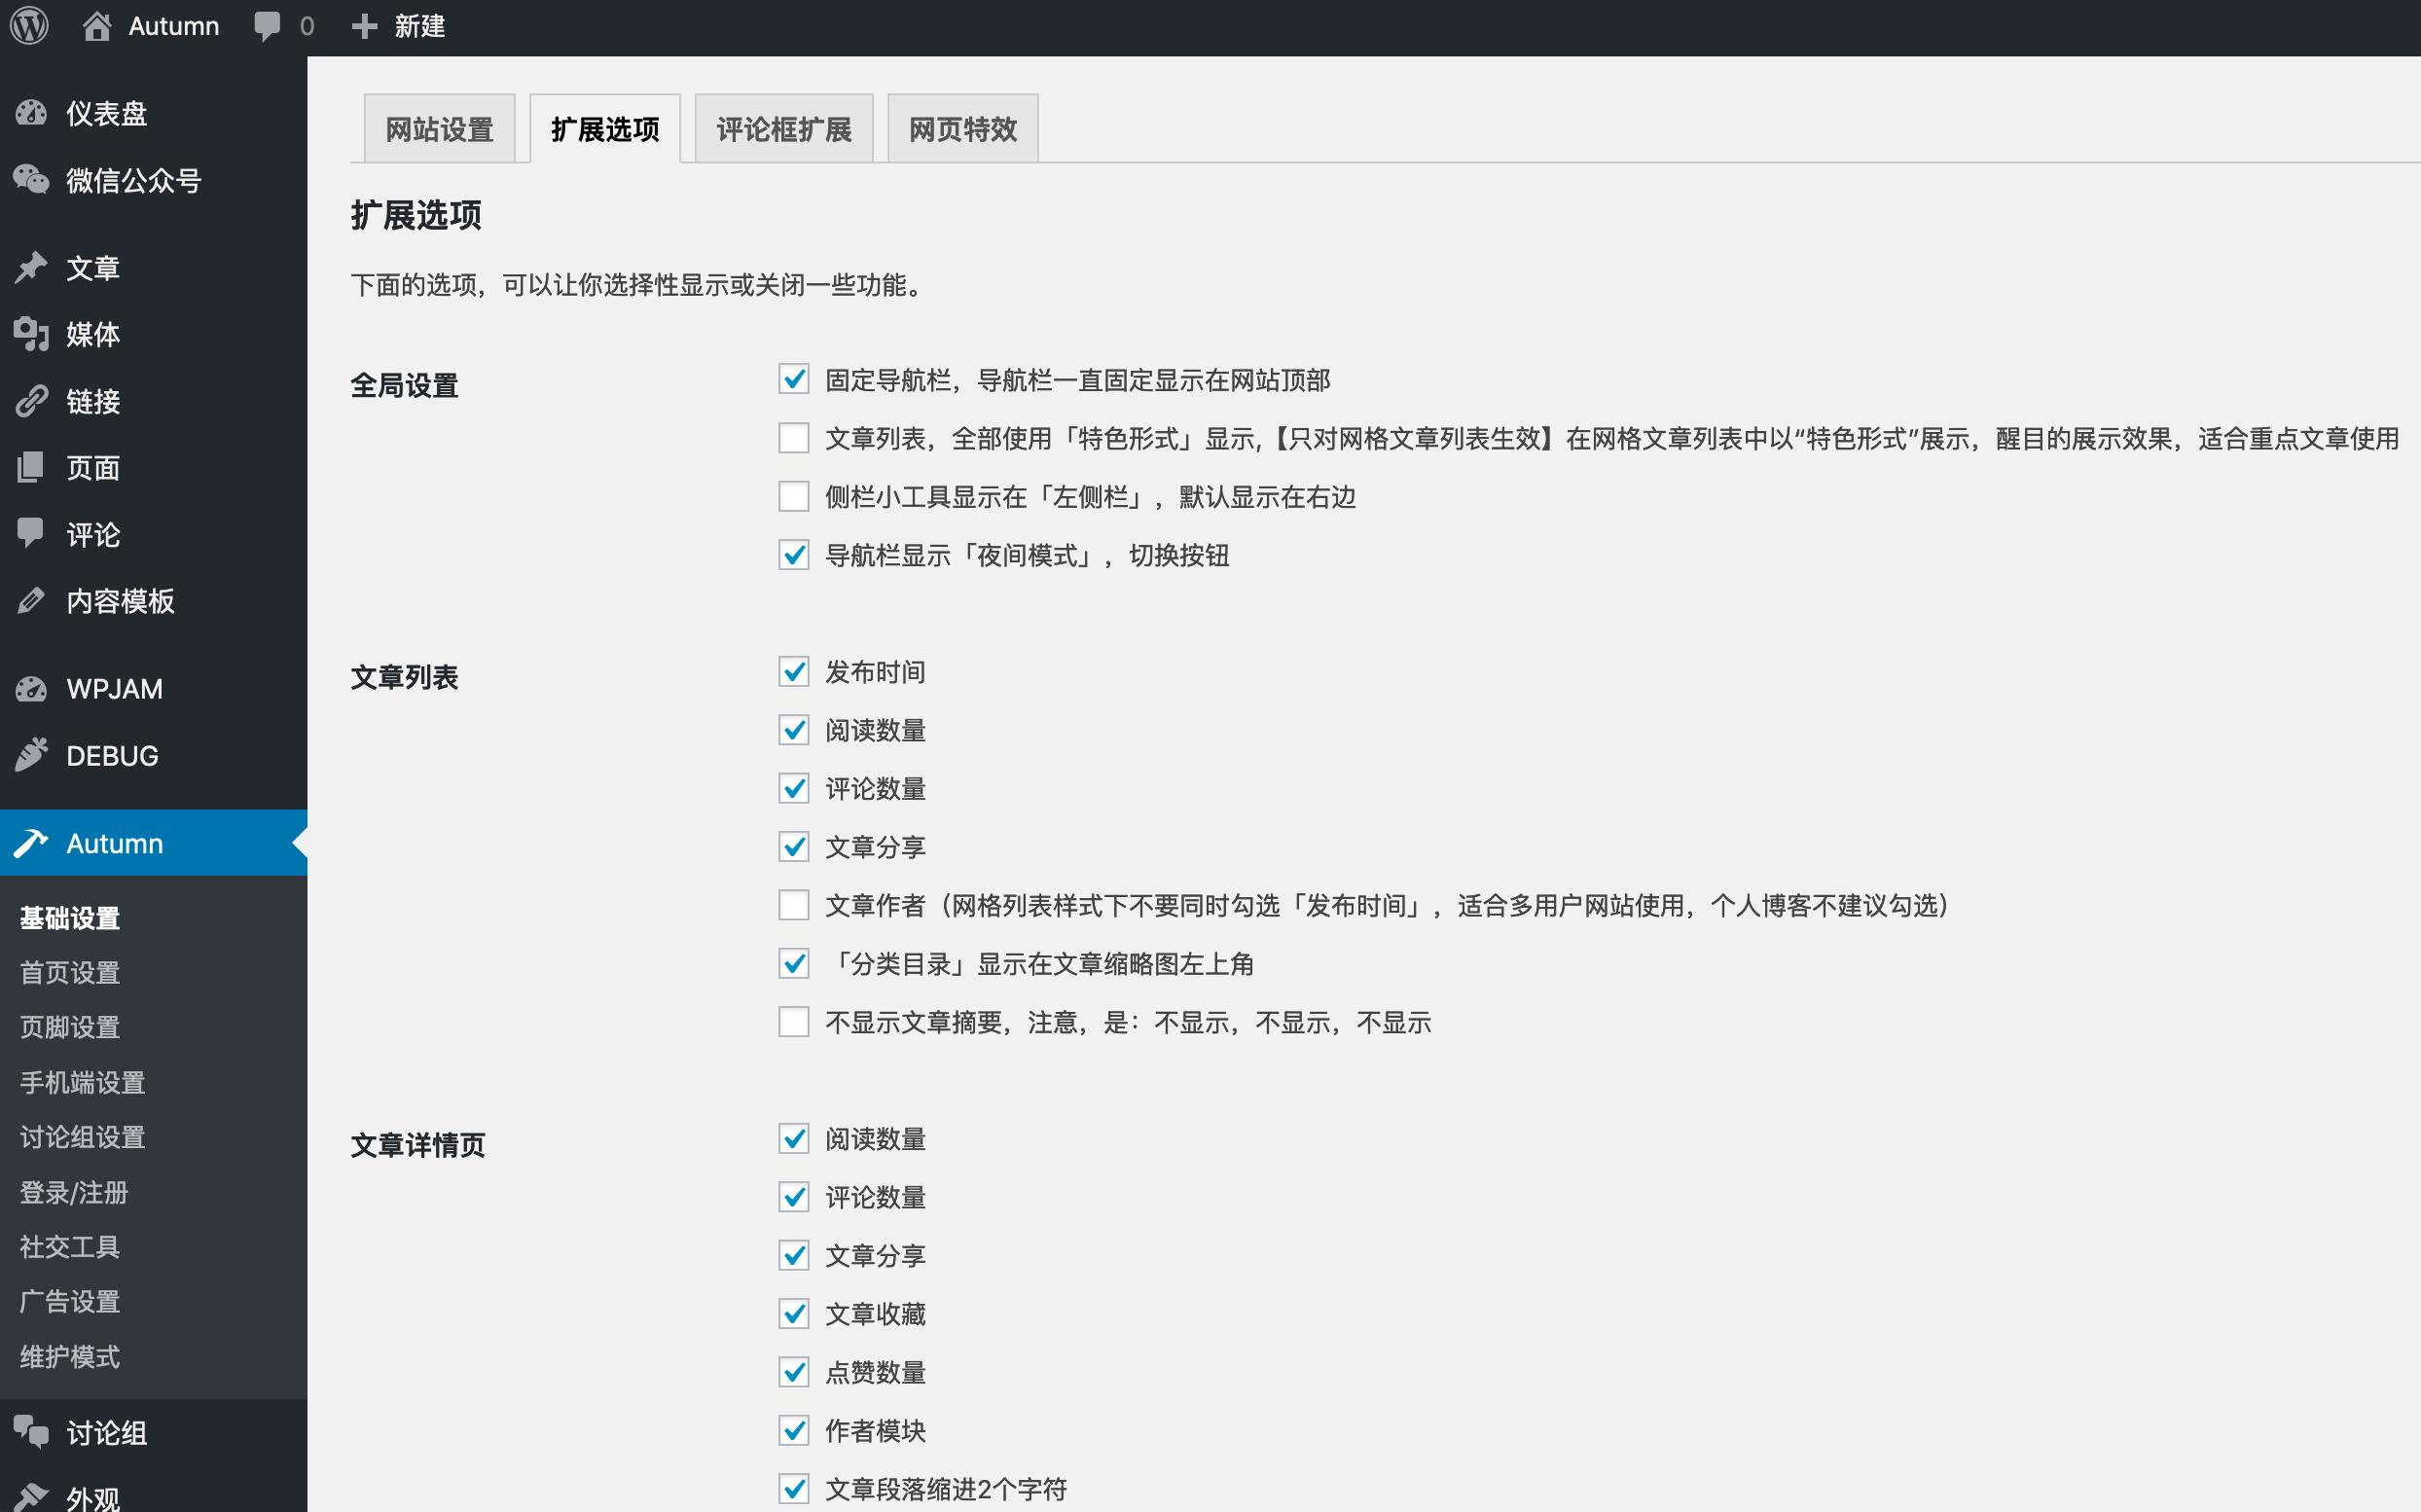 【WordPress】Autumn-Pro 2.4去授权破解版下载插图(21)